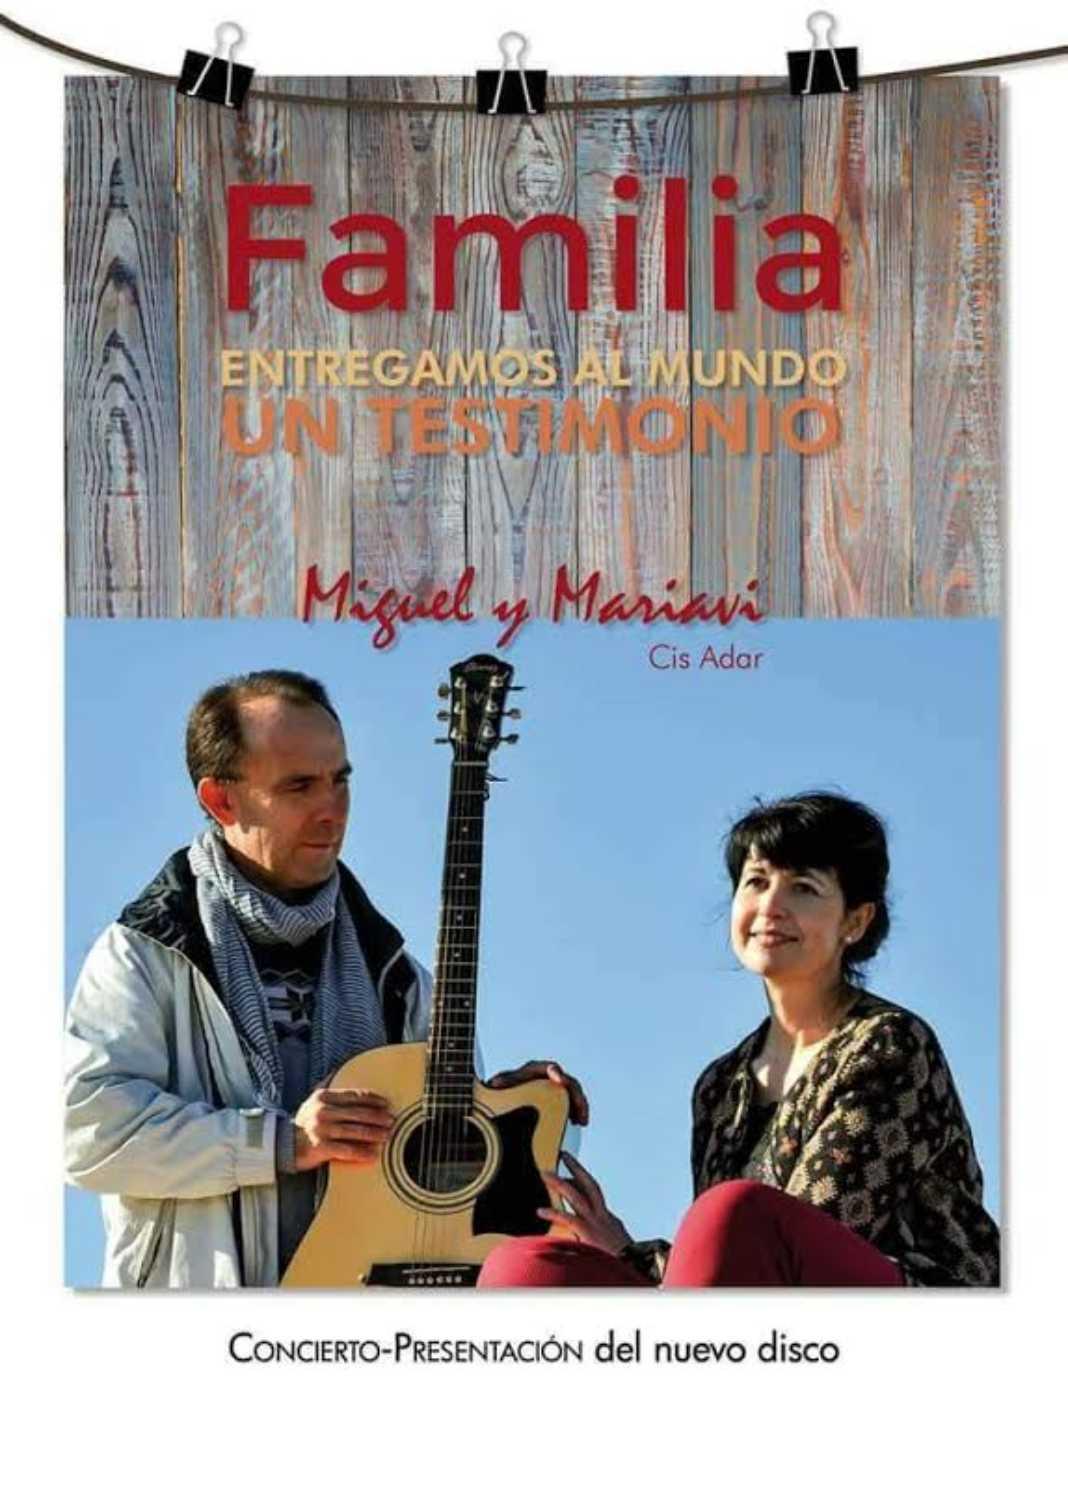 Concierto en Villarrubia de los Ojos de Miguel y Mariavi 5